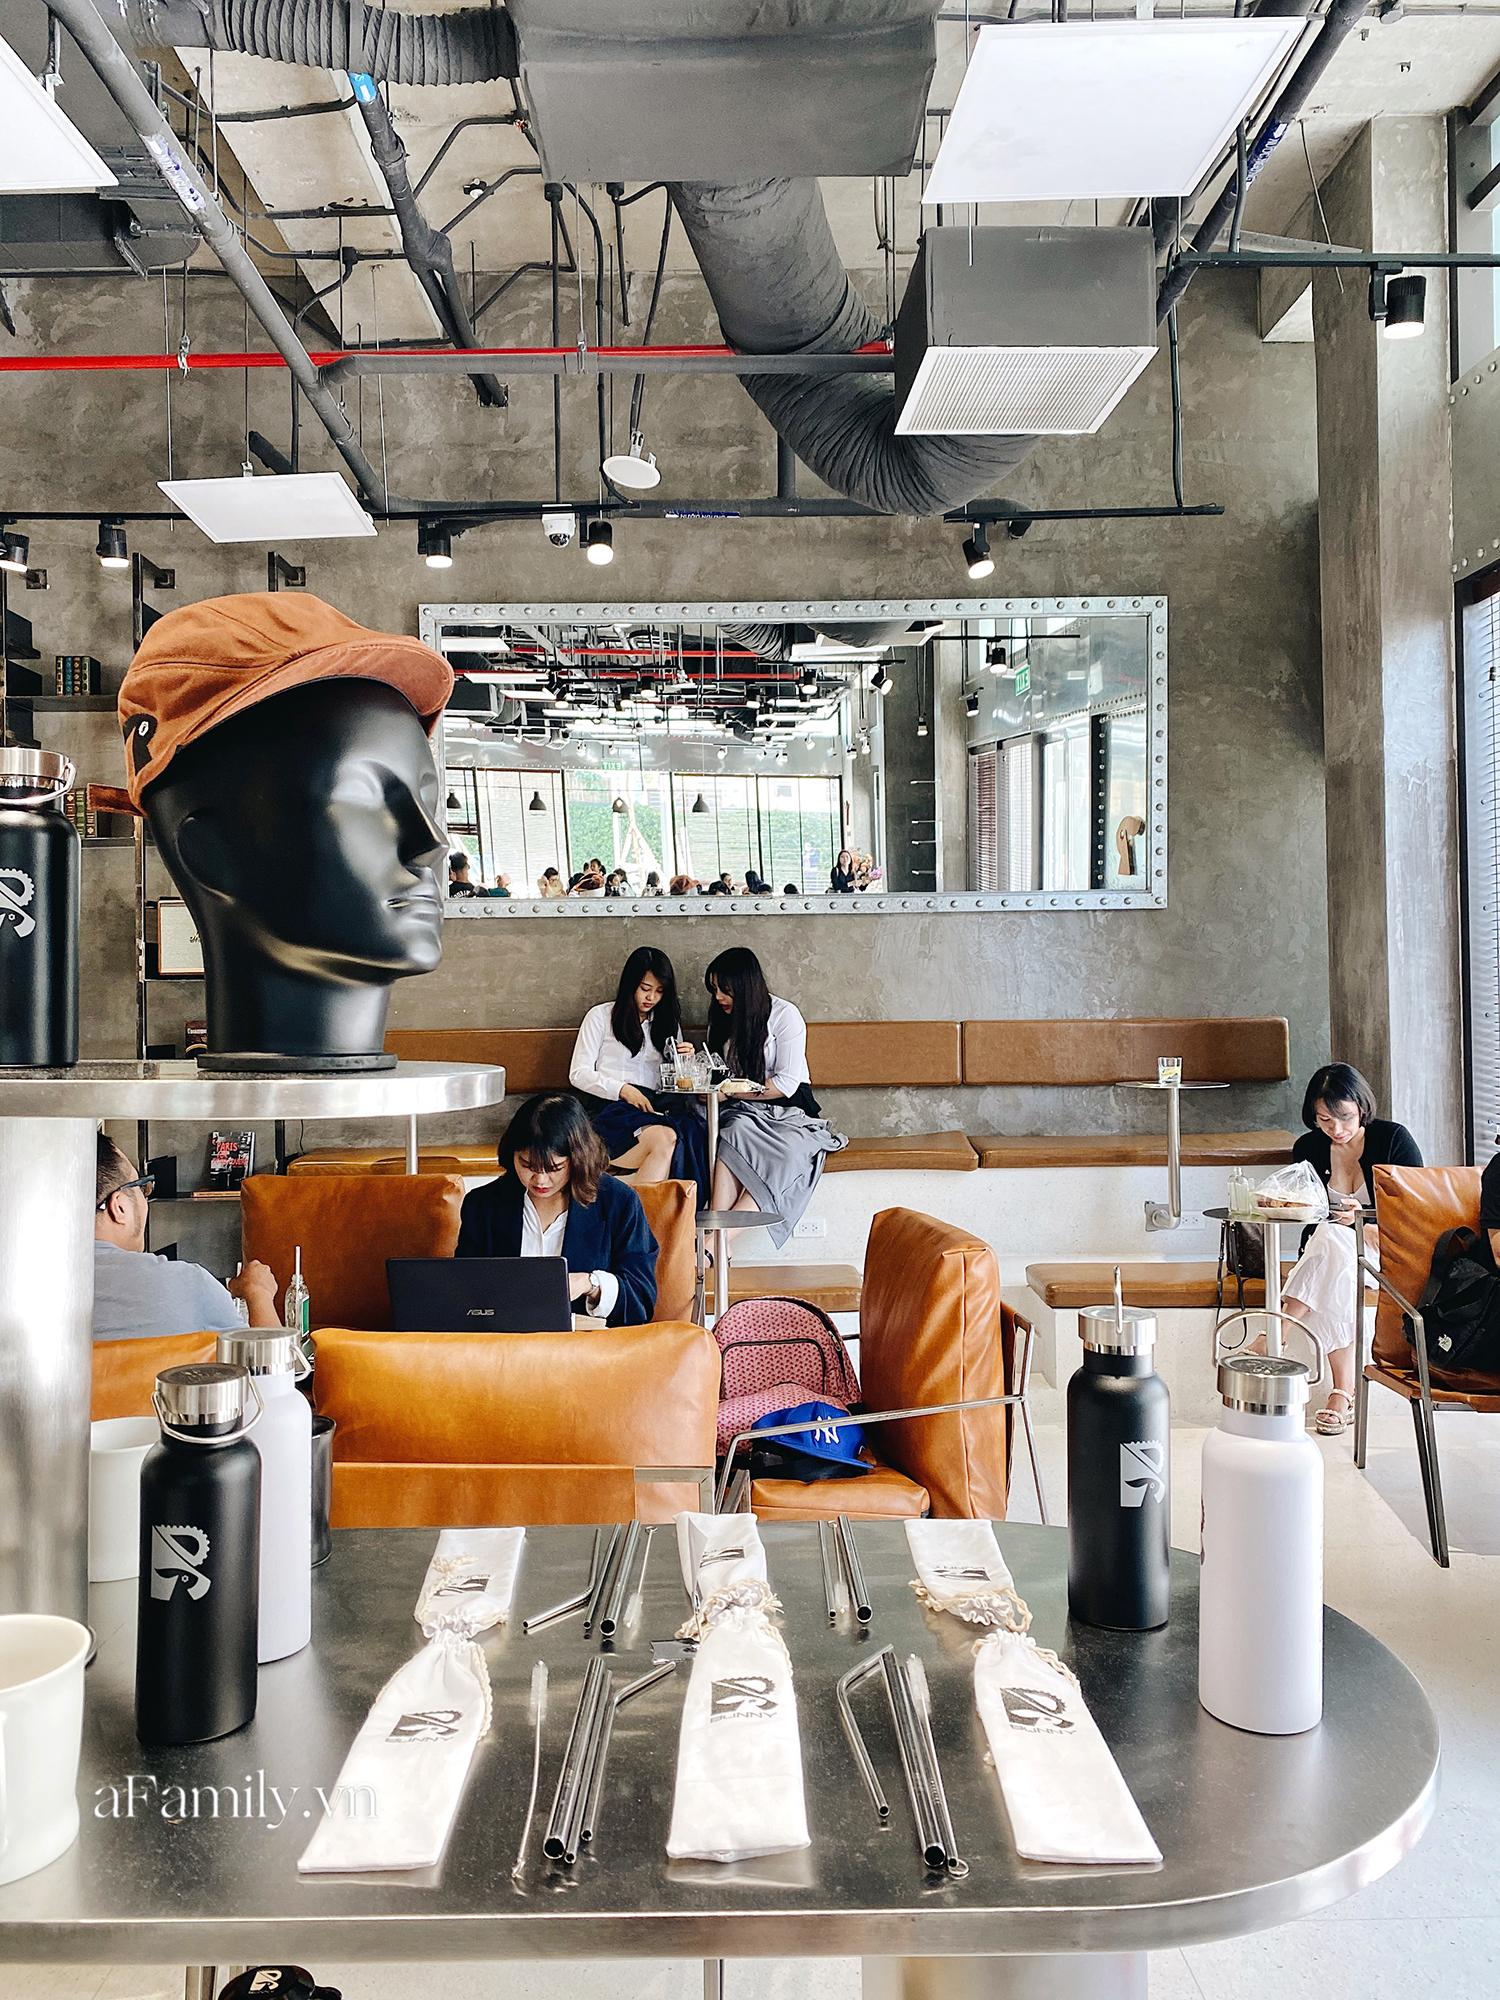 """Vừa thất bại đóng cửa quán cà phê đầu tiên tại trung tâm quận 1, chàng Bắp - Ngô Kiến Huy lại mở quán mới chỉ sau 1 năm nhưng lần này thật sự là """"choáng""""! - Ảnh 11."""